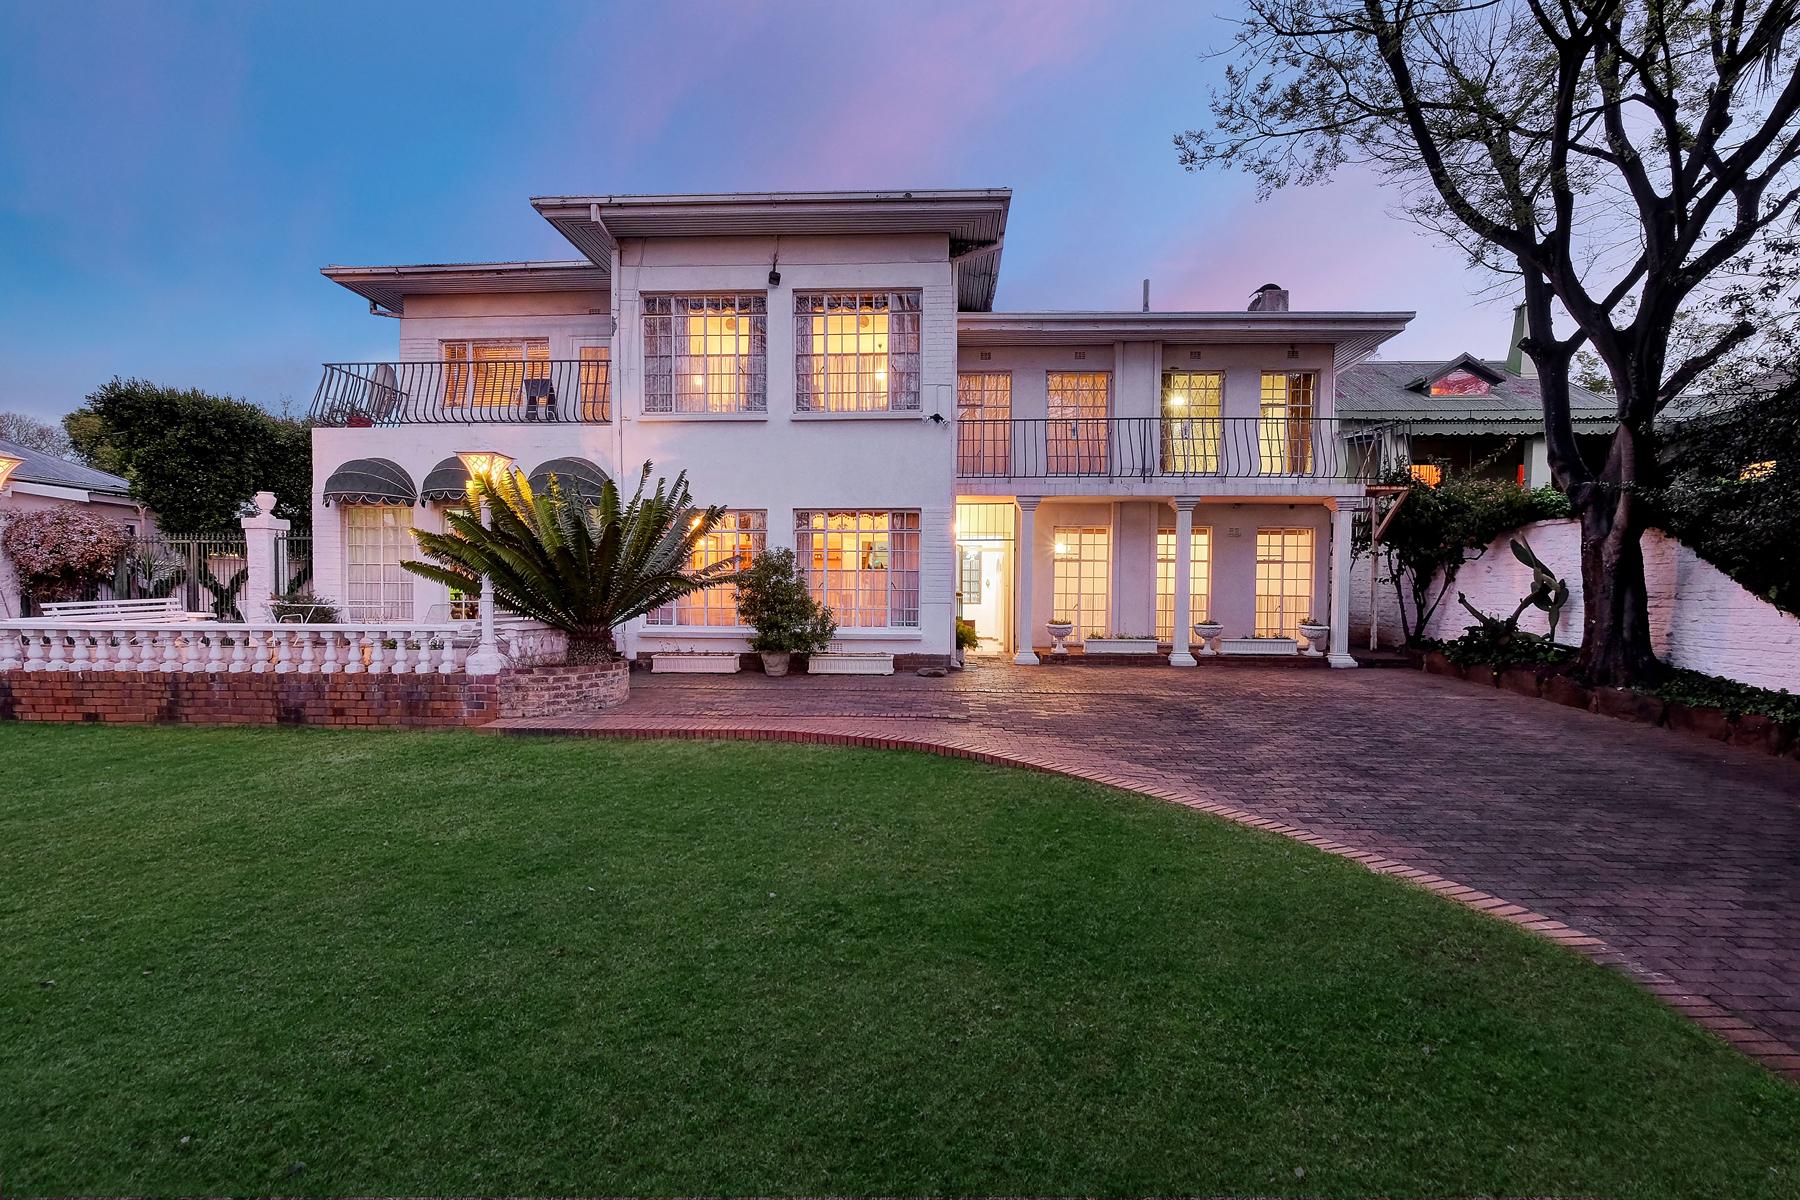 Частный односемейный дом для того Продажа на Parkview Johannesburg, Гаутенг, 2193 Южная Африка